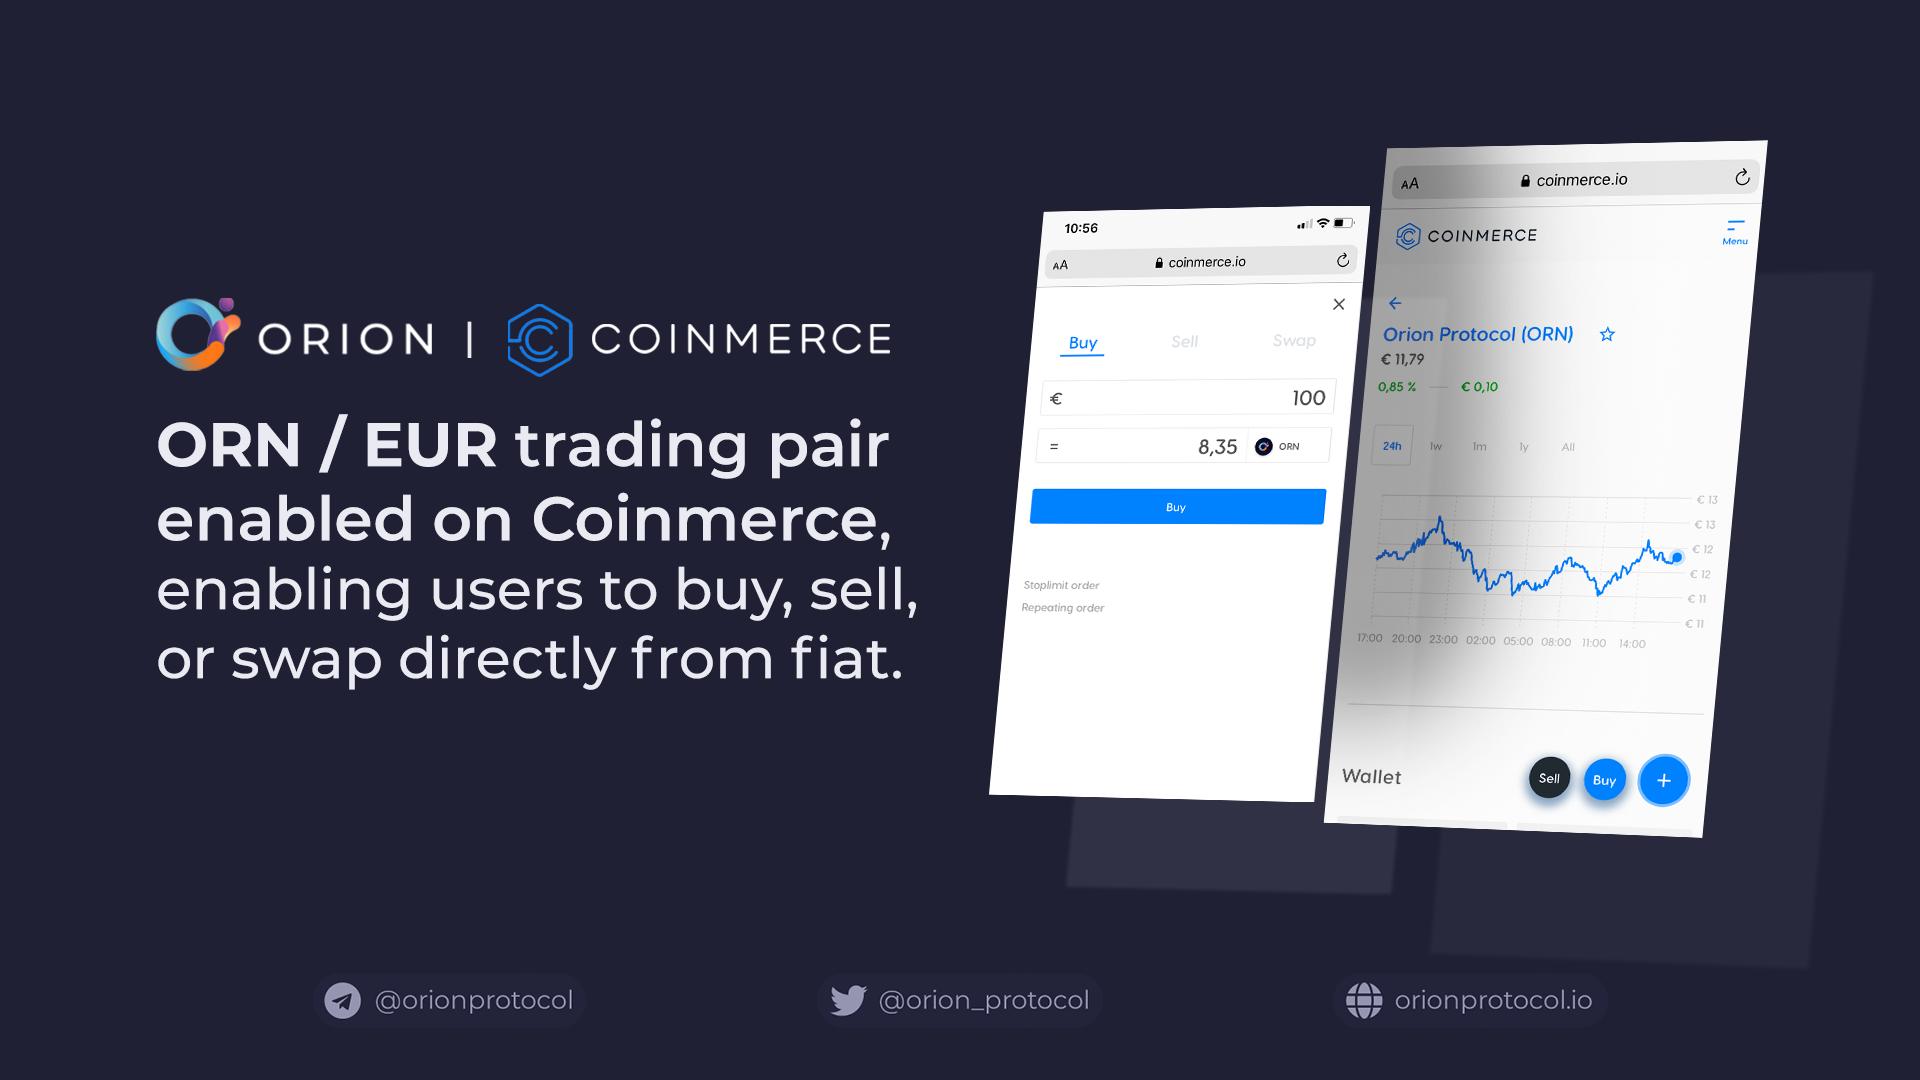 ORN / EUR on Coinmerce